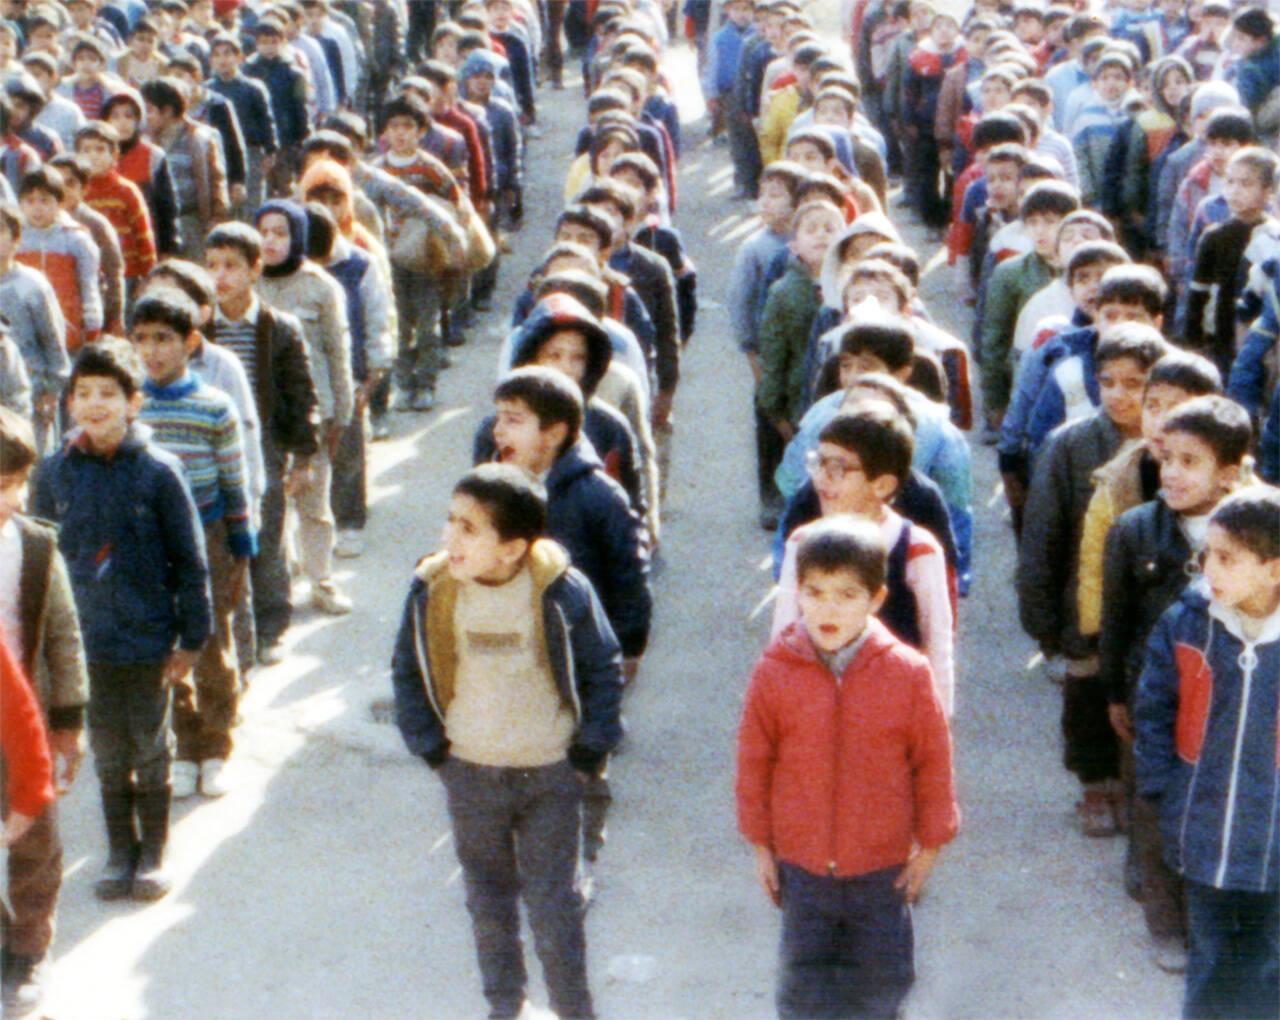 アッバス・キアロスタミ監督が子供たちにカメラを向けイランの教育問題を徹底リサーチ!「ホームワーク(1989)」